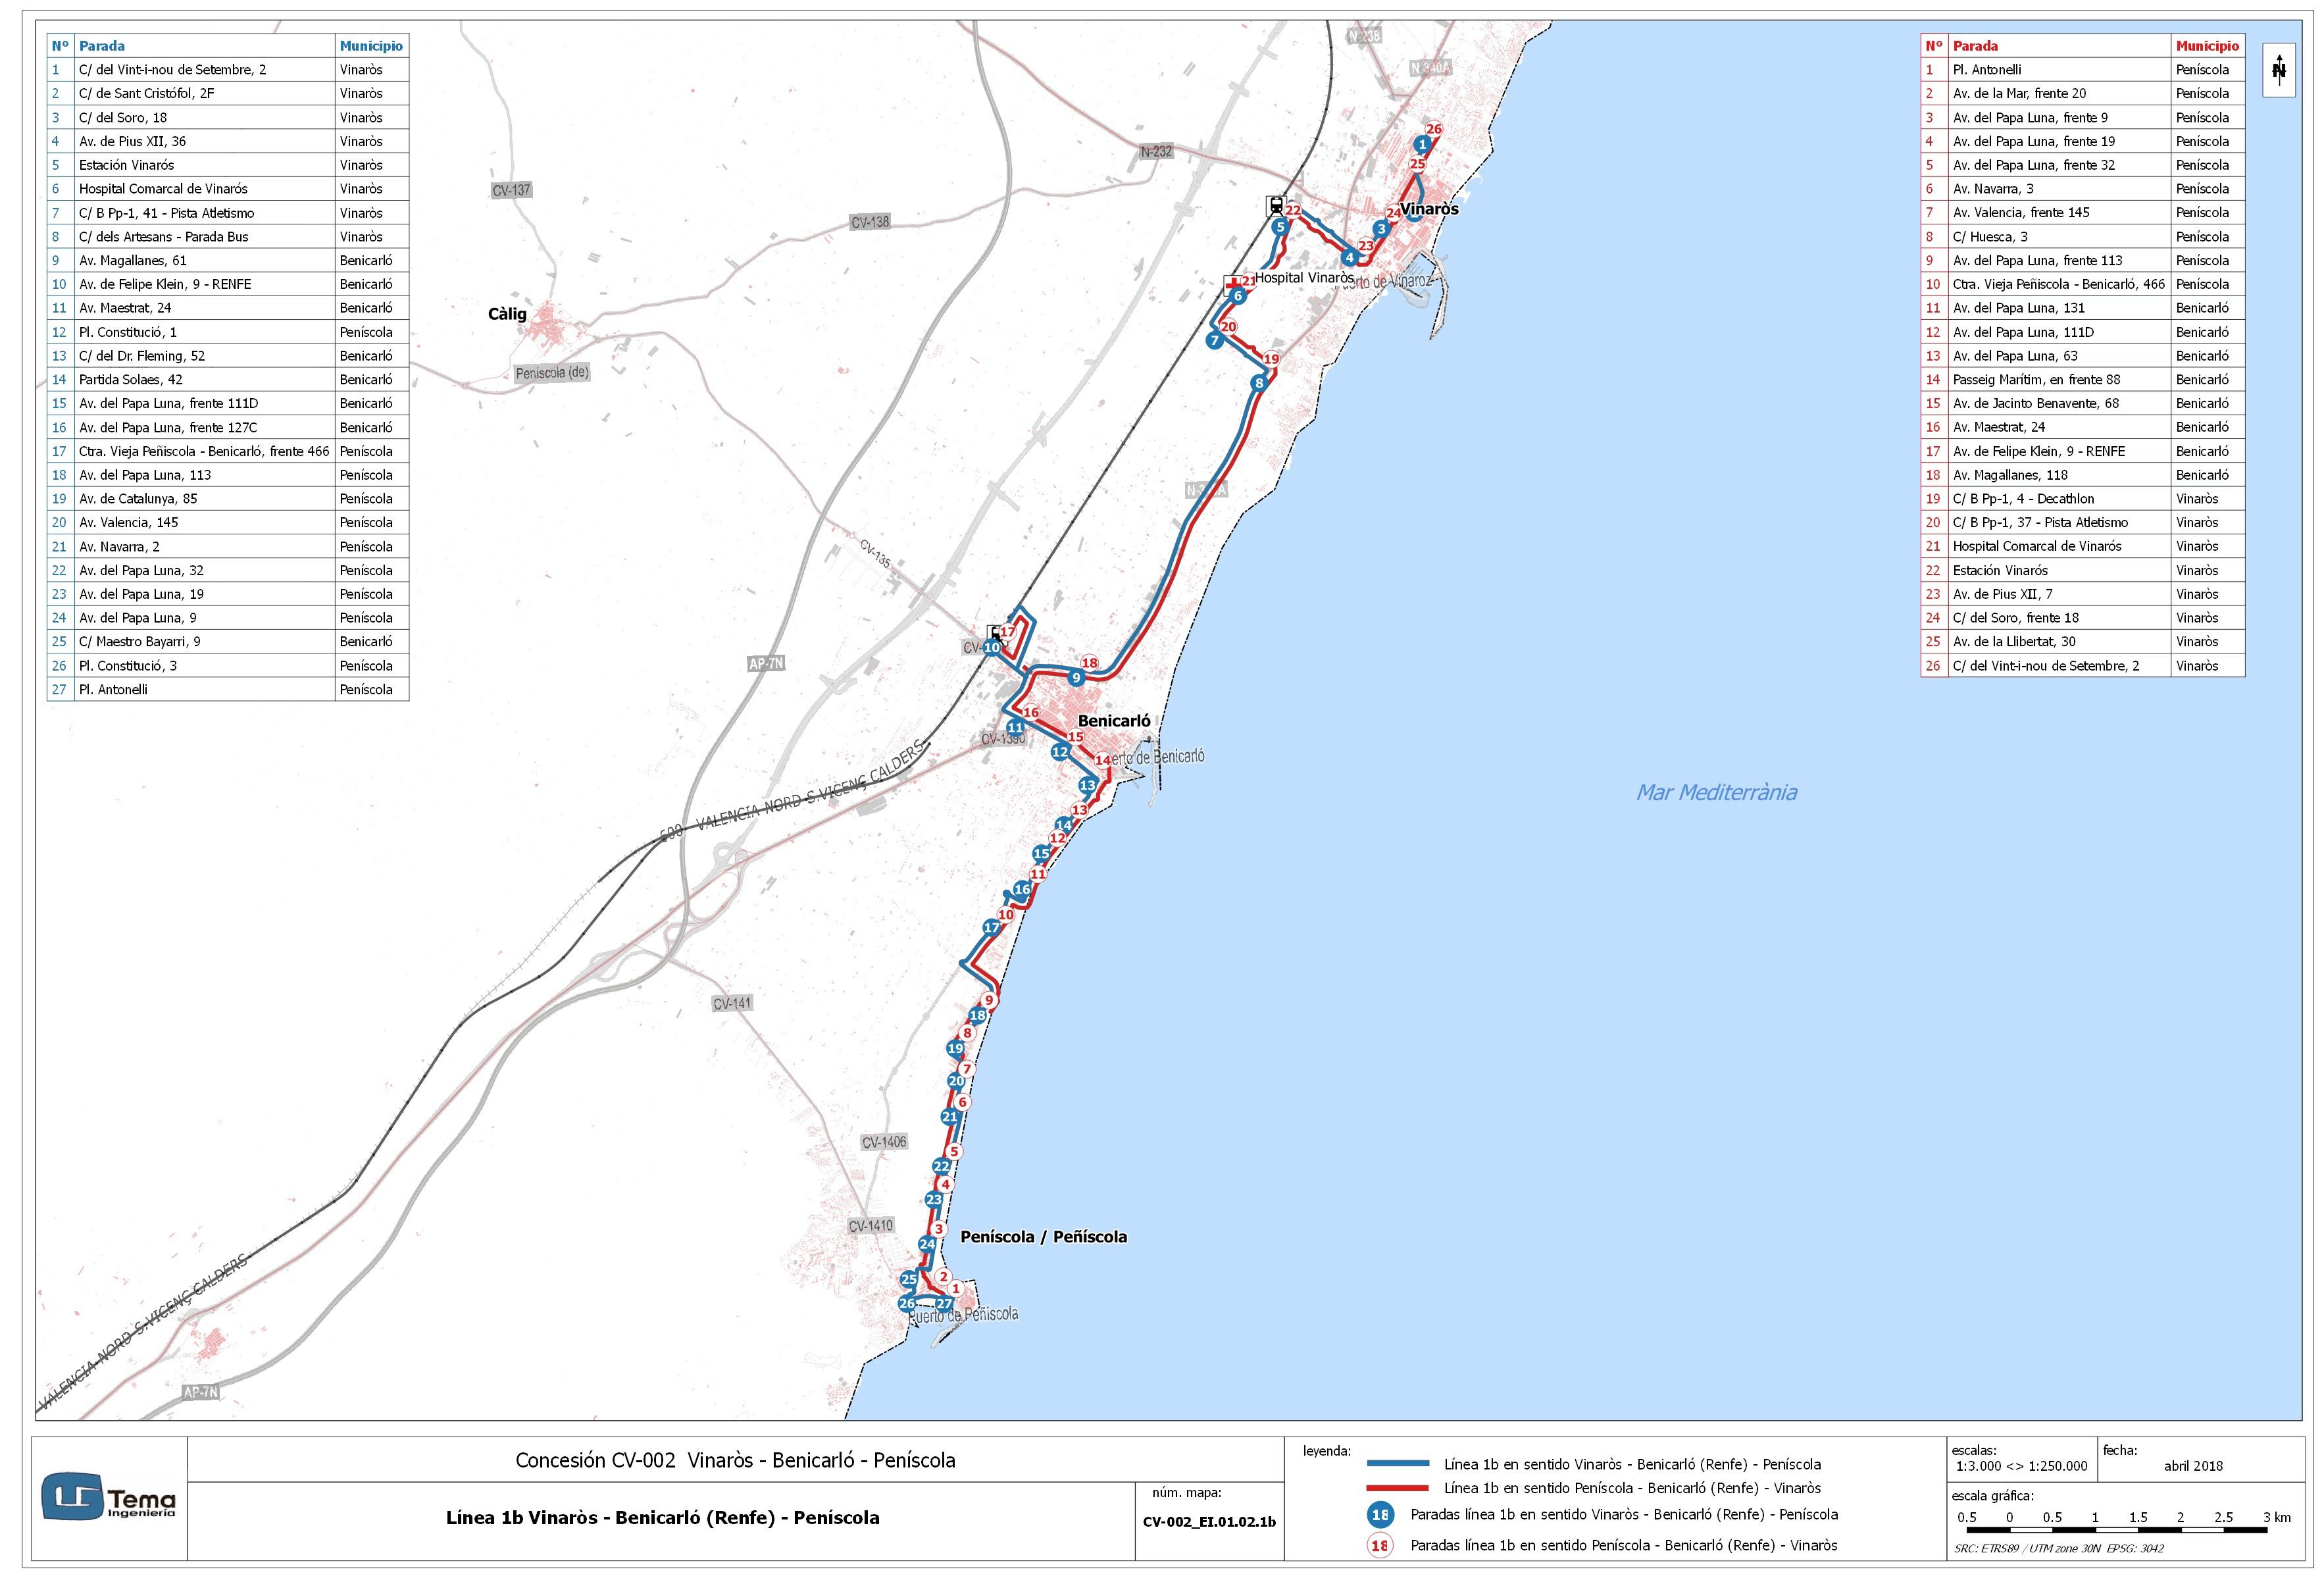 El Consell inicia la licitación del nuevo mapa concesional de transport...